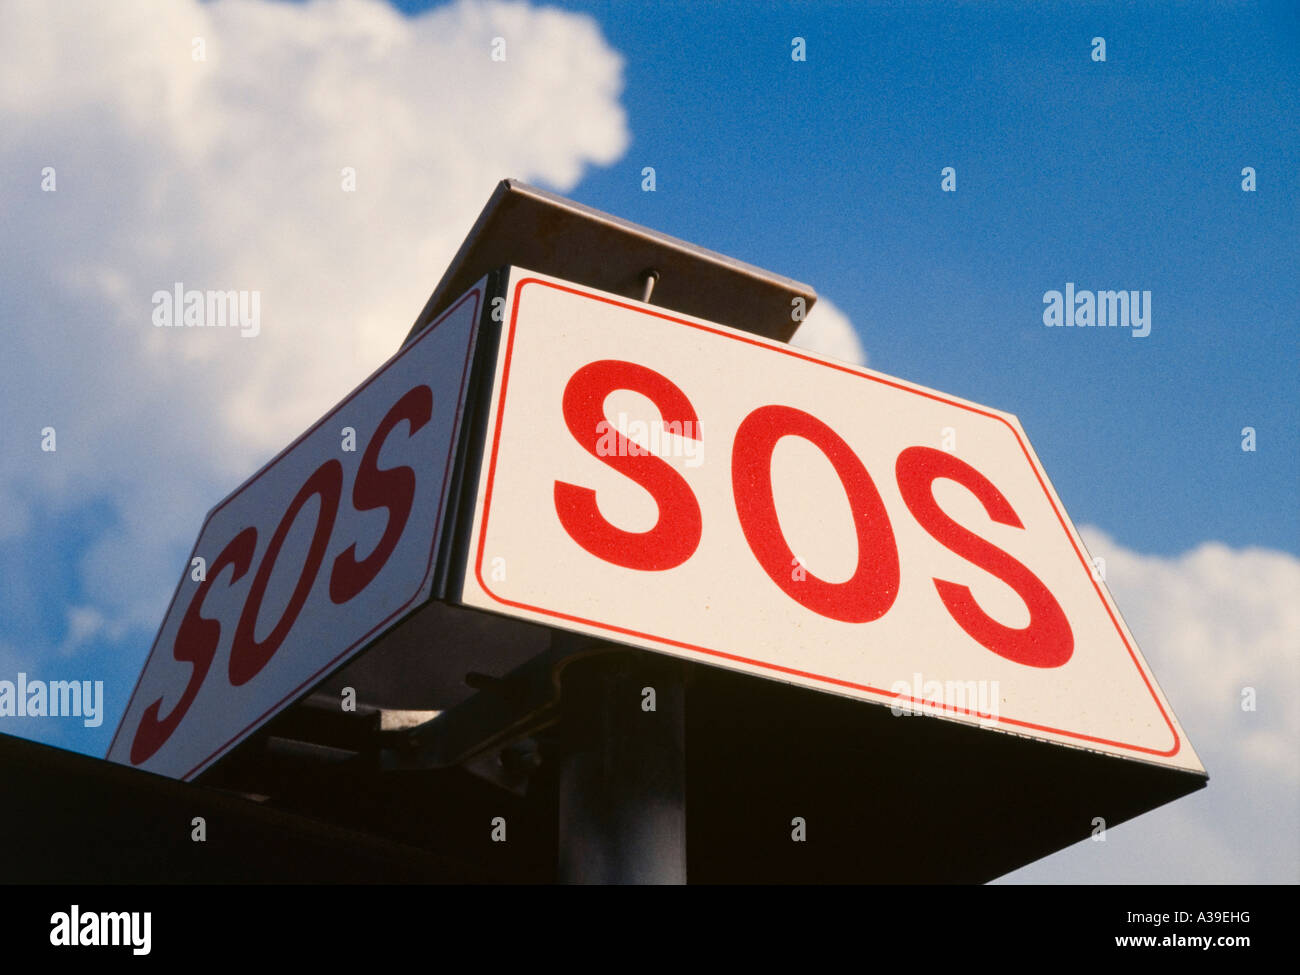 Cartello, avvertenze, aiuto di salvataggio, rosso, bianco, scritto dal di sotto, sky, nuvole, gioco, ombra Immagini Stock